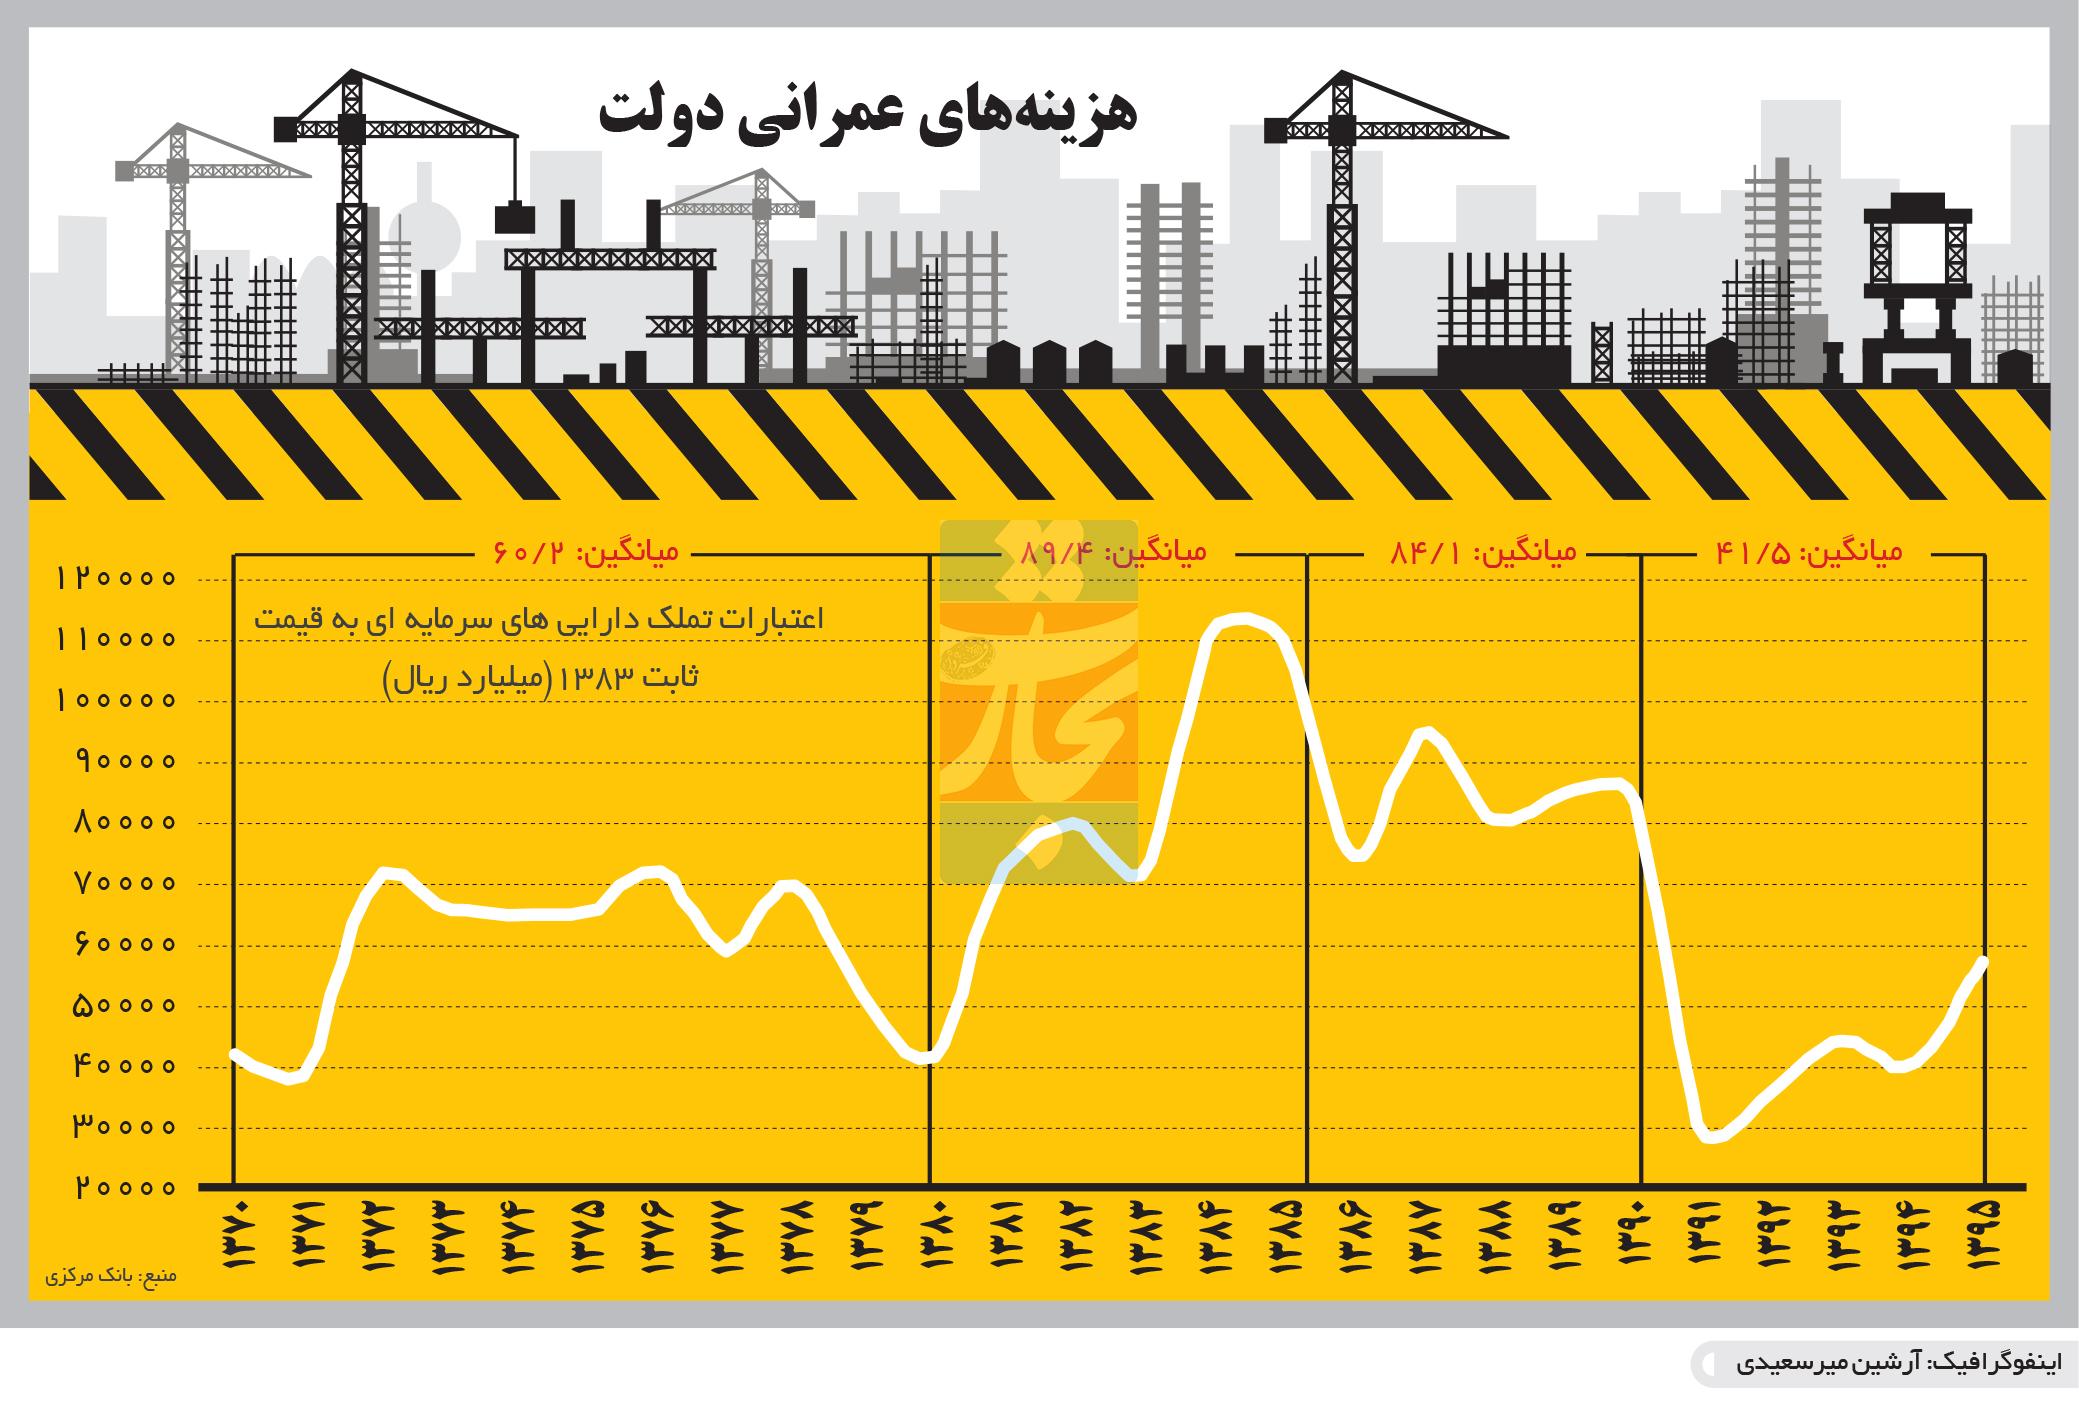 تجارت- فردا- هزینههای عمرانی دولت(اینفوگرافیک)